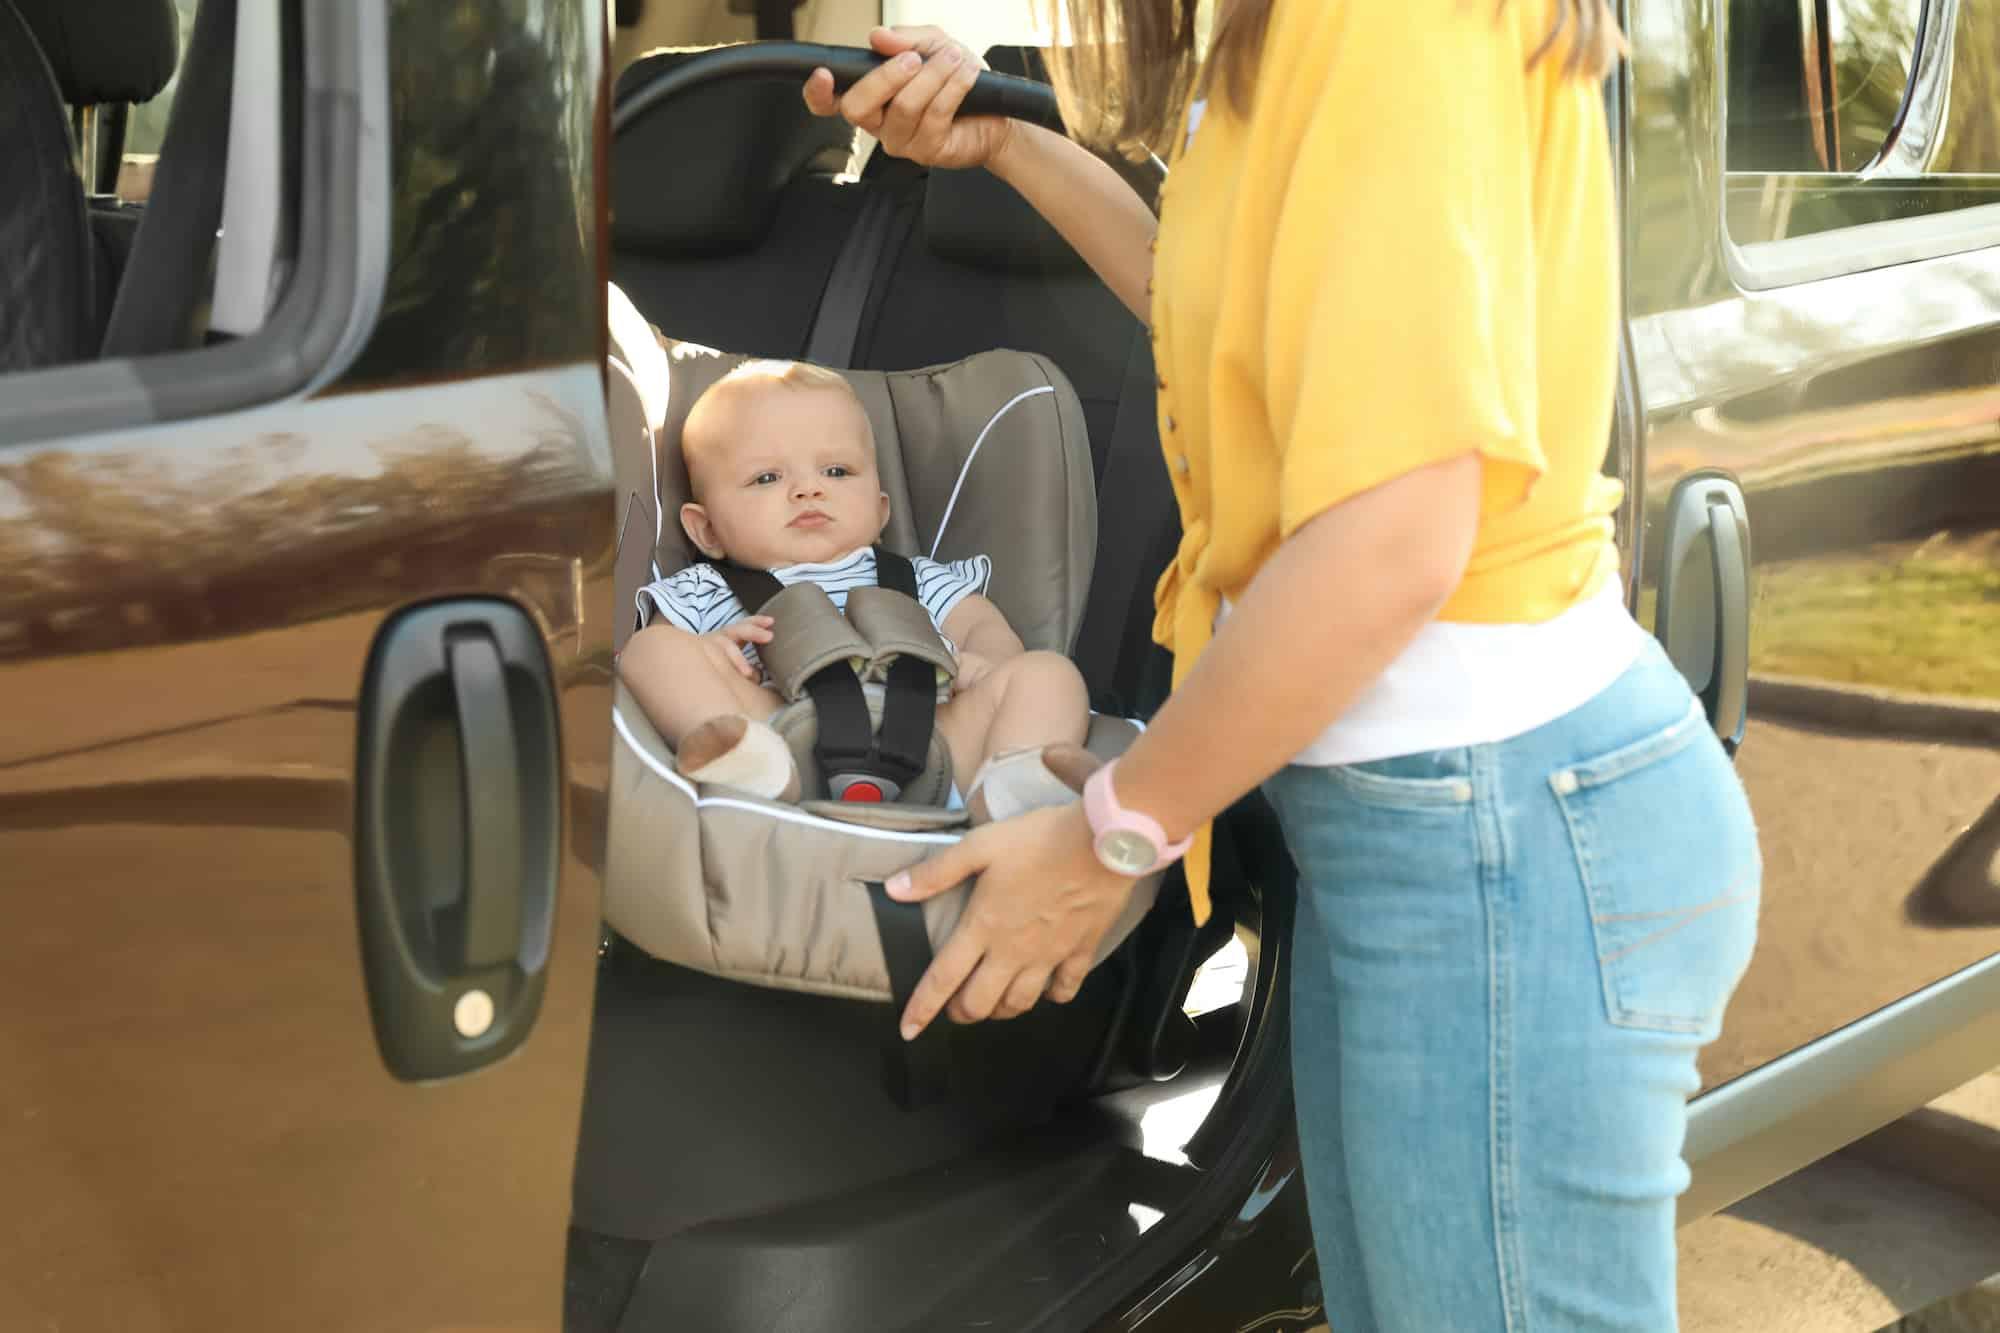 Frau befestigt eine Babyschale samt Baby im Auto